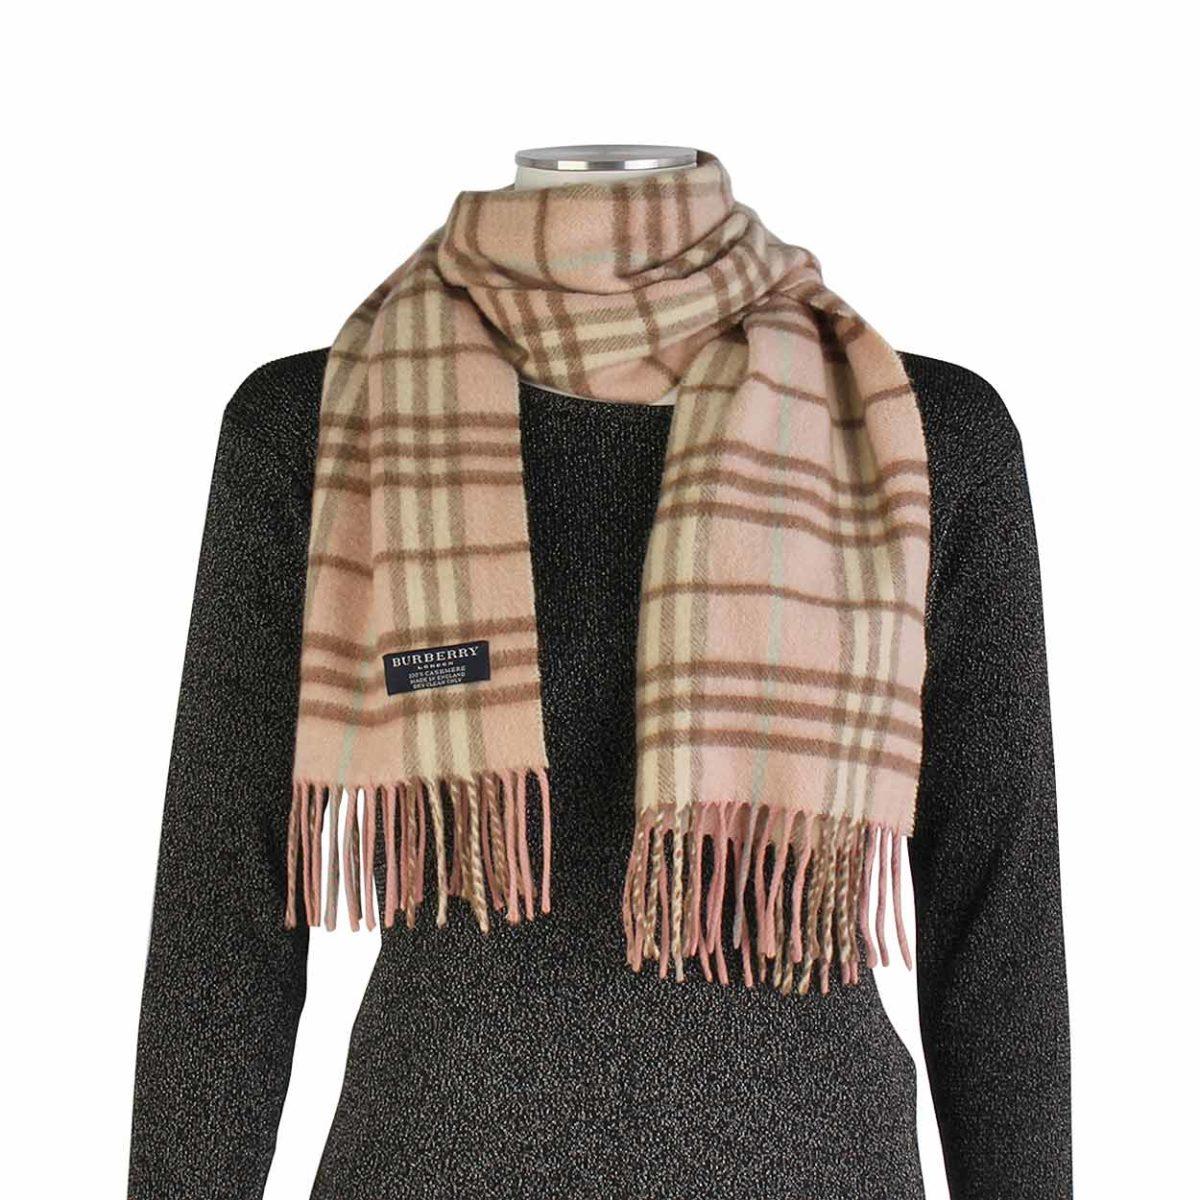 d7cd99646dbc ... real burberry cashmere nova check scarf 736a1 d68f8